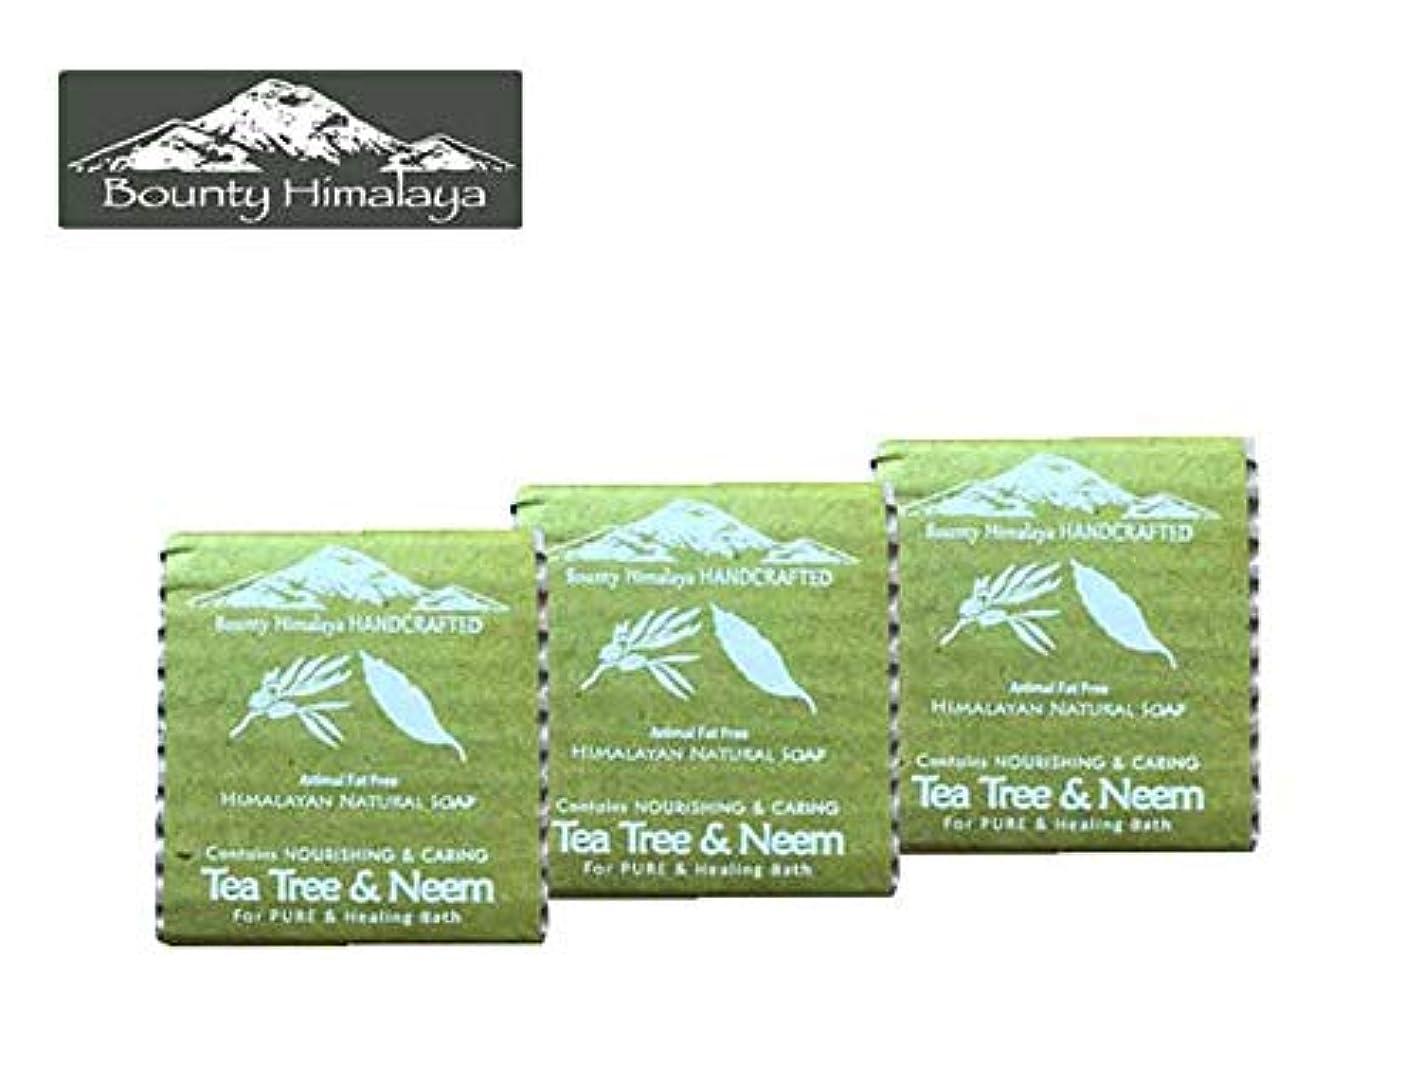 モジュール影響するわずかにアーユルヴェーダ ヒマラヤ ティーツリー?ニーム ソープ3セット Bounty Himalaya Tea Tree & Neem SOAP(NEPAL AYURVEDA) 100g